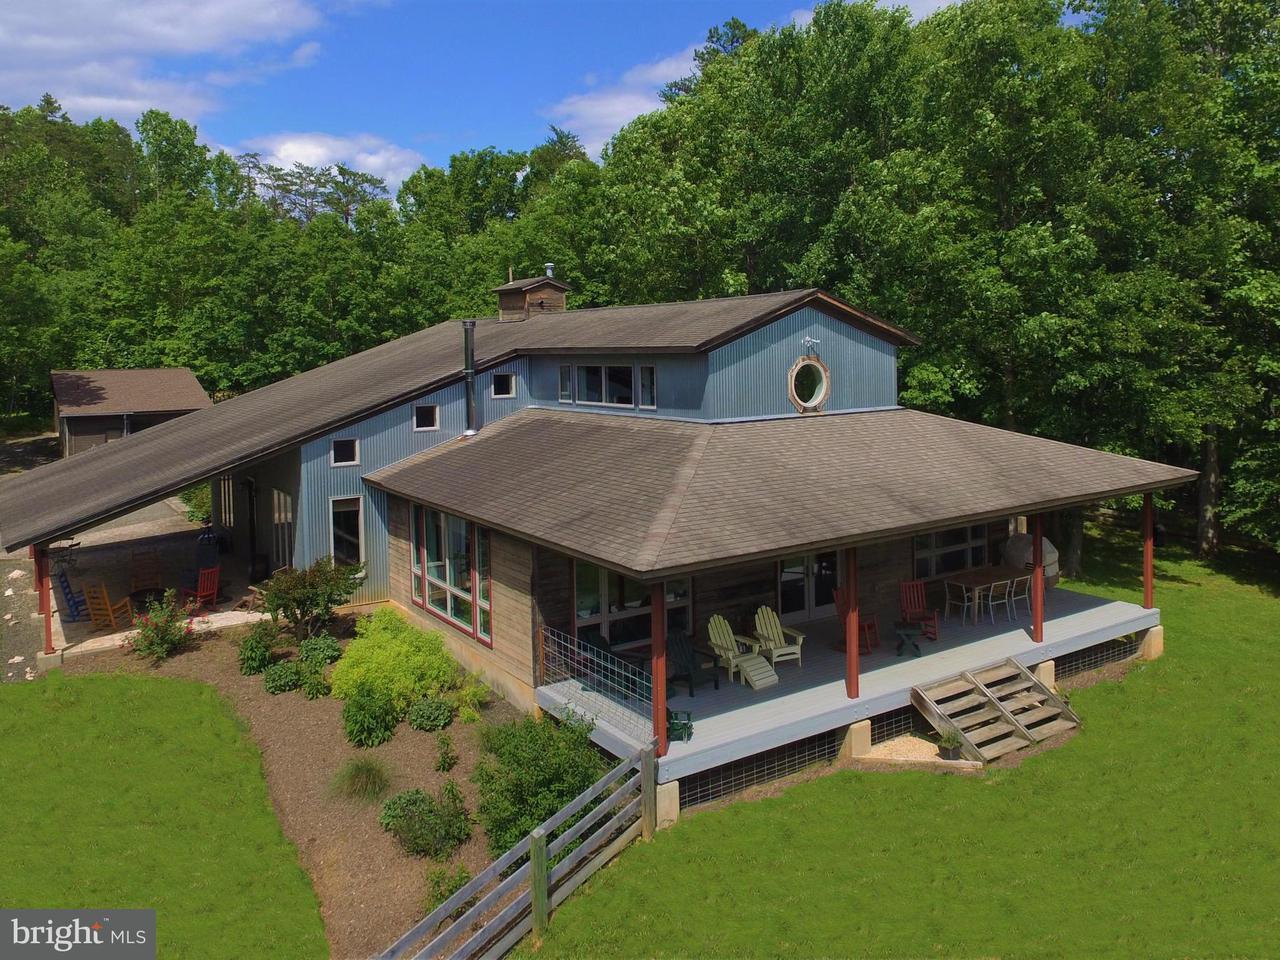 단독 가정 주택 용 매매 에 201 ROCK MILLS Road 201 ROCK MILLS Road Woodville, 버지니아 22749 미국